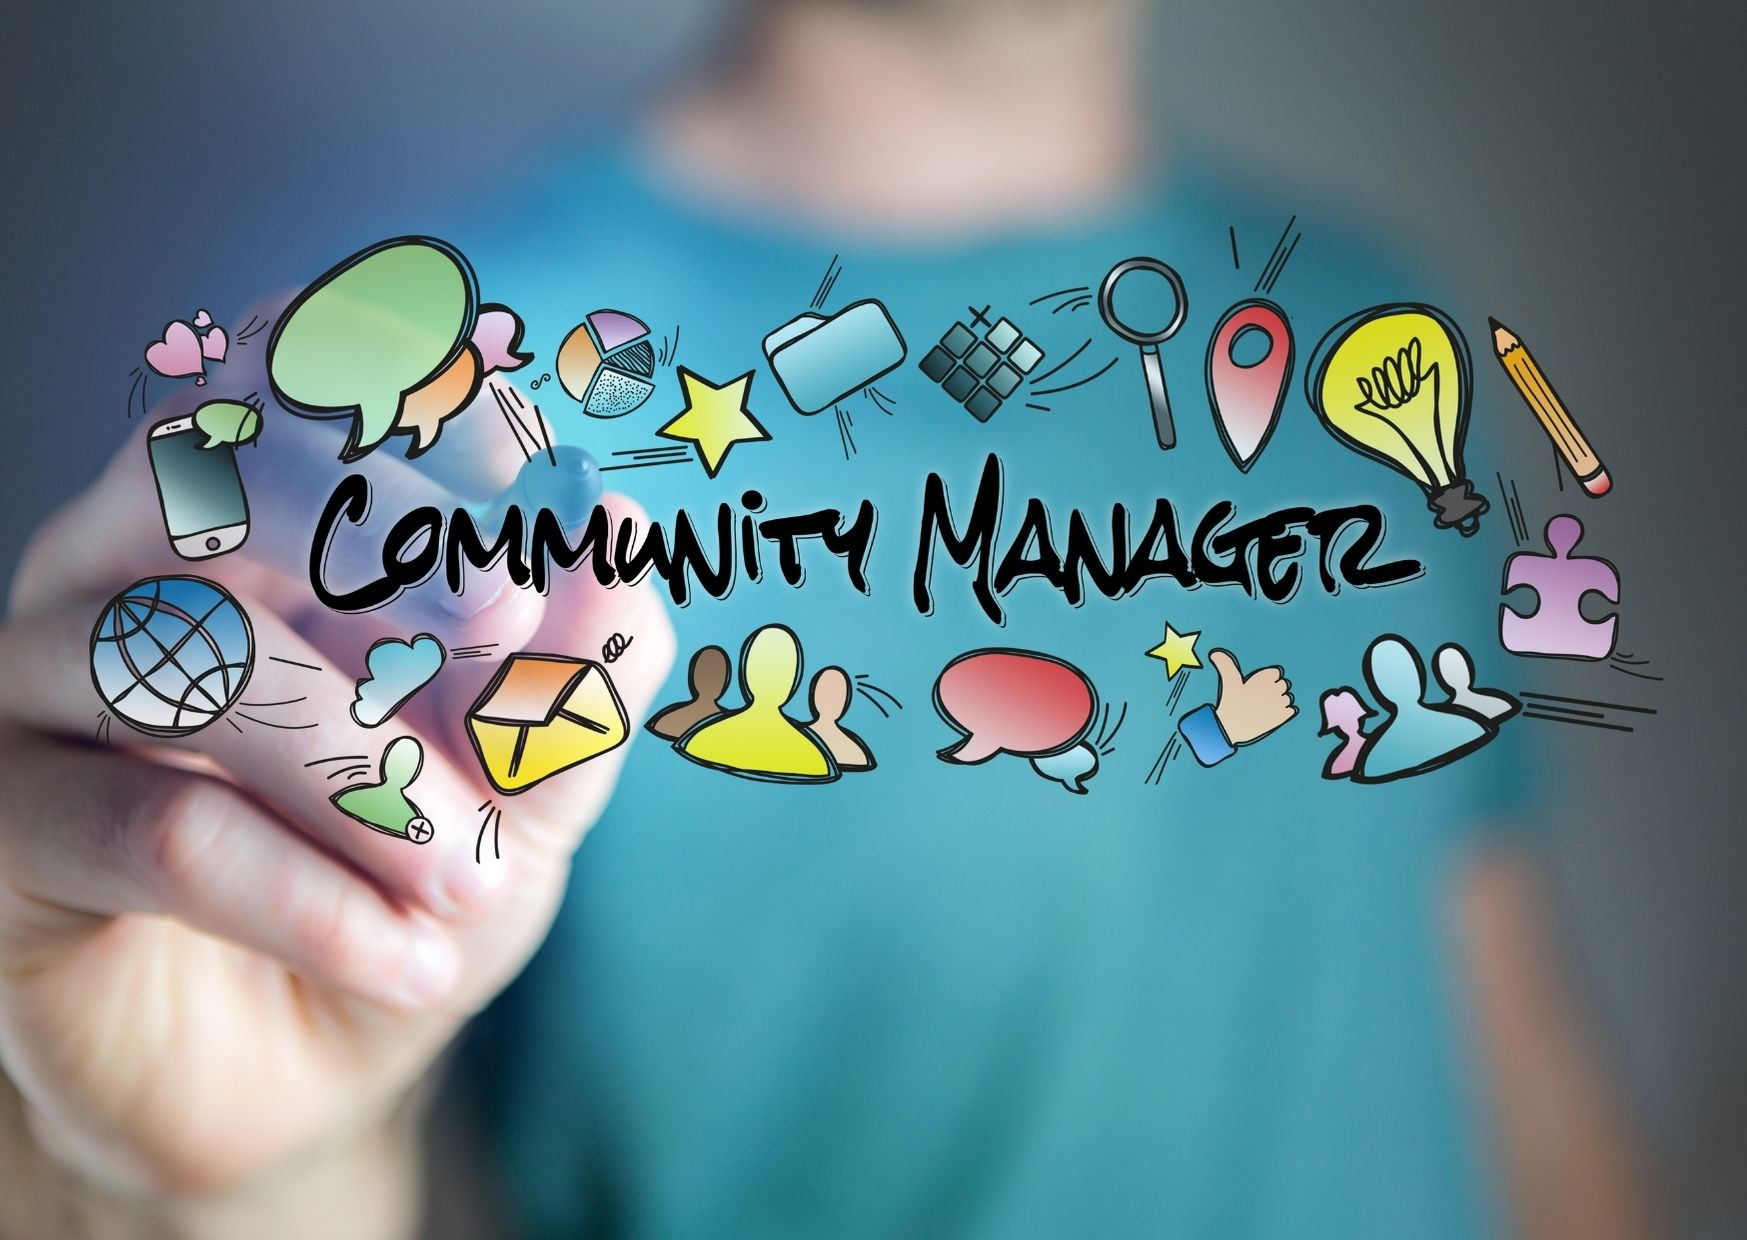 Dans les coulisses d'IfStart : découvrez Matthias, community manager